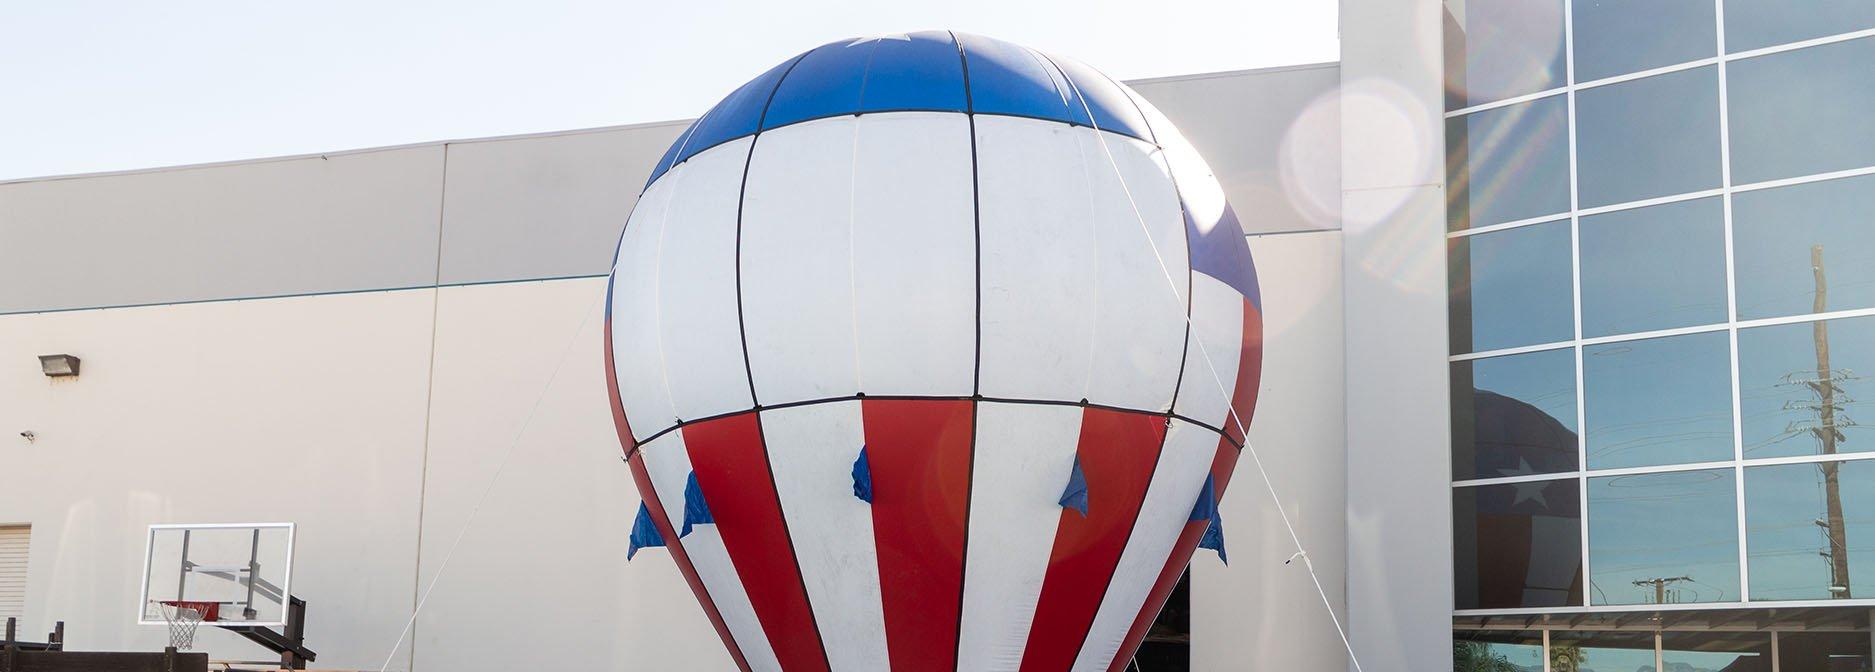 hot-air-balloon-header.jpg